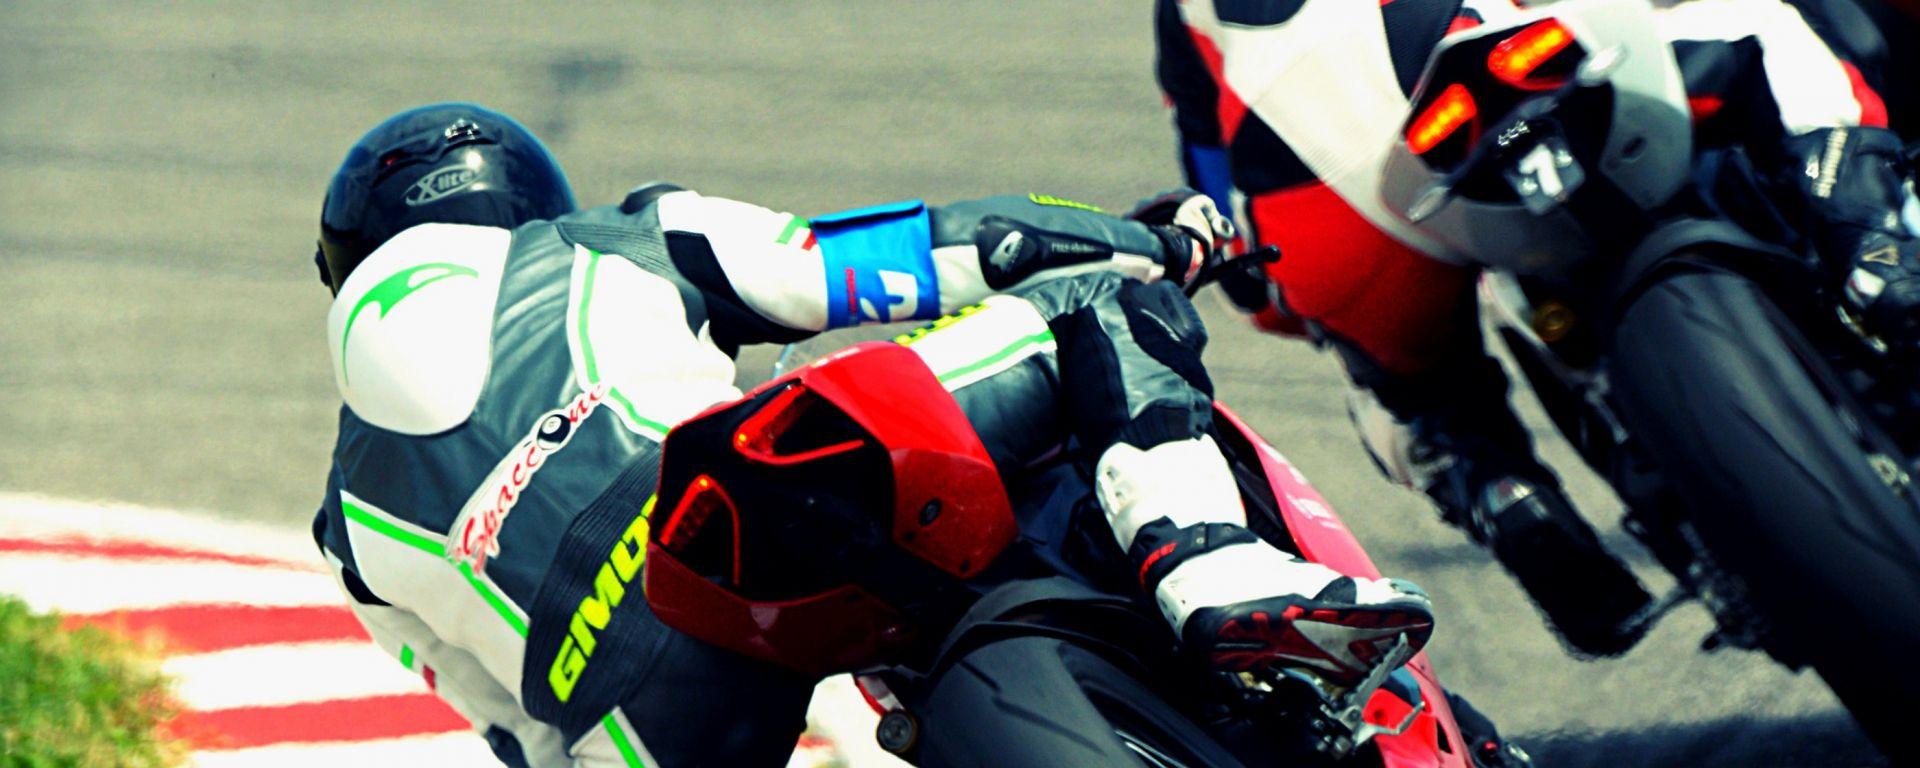 Ducati DRE: tra i cordoli con il maestro